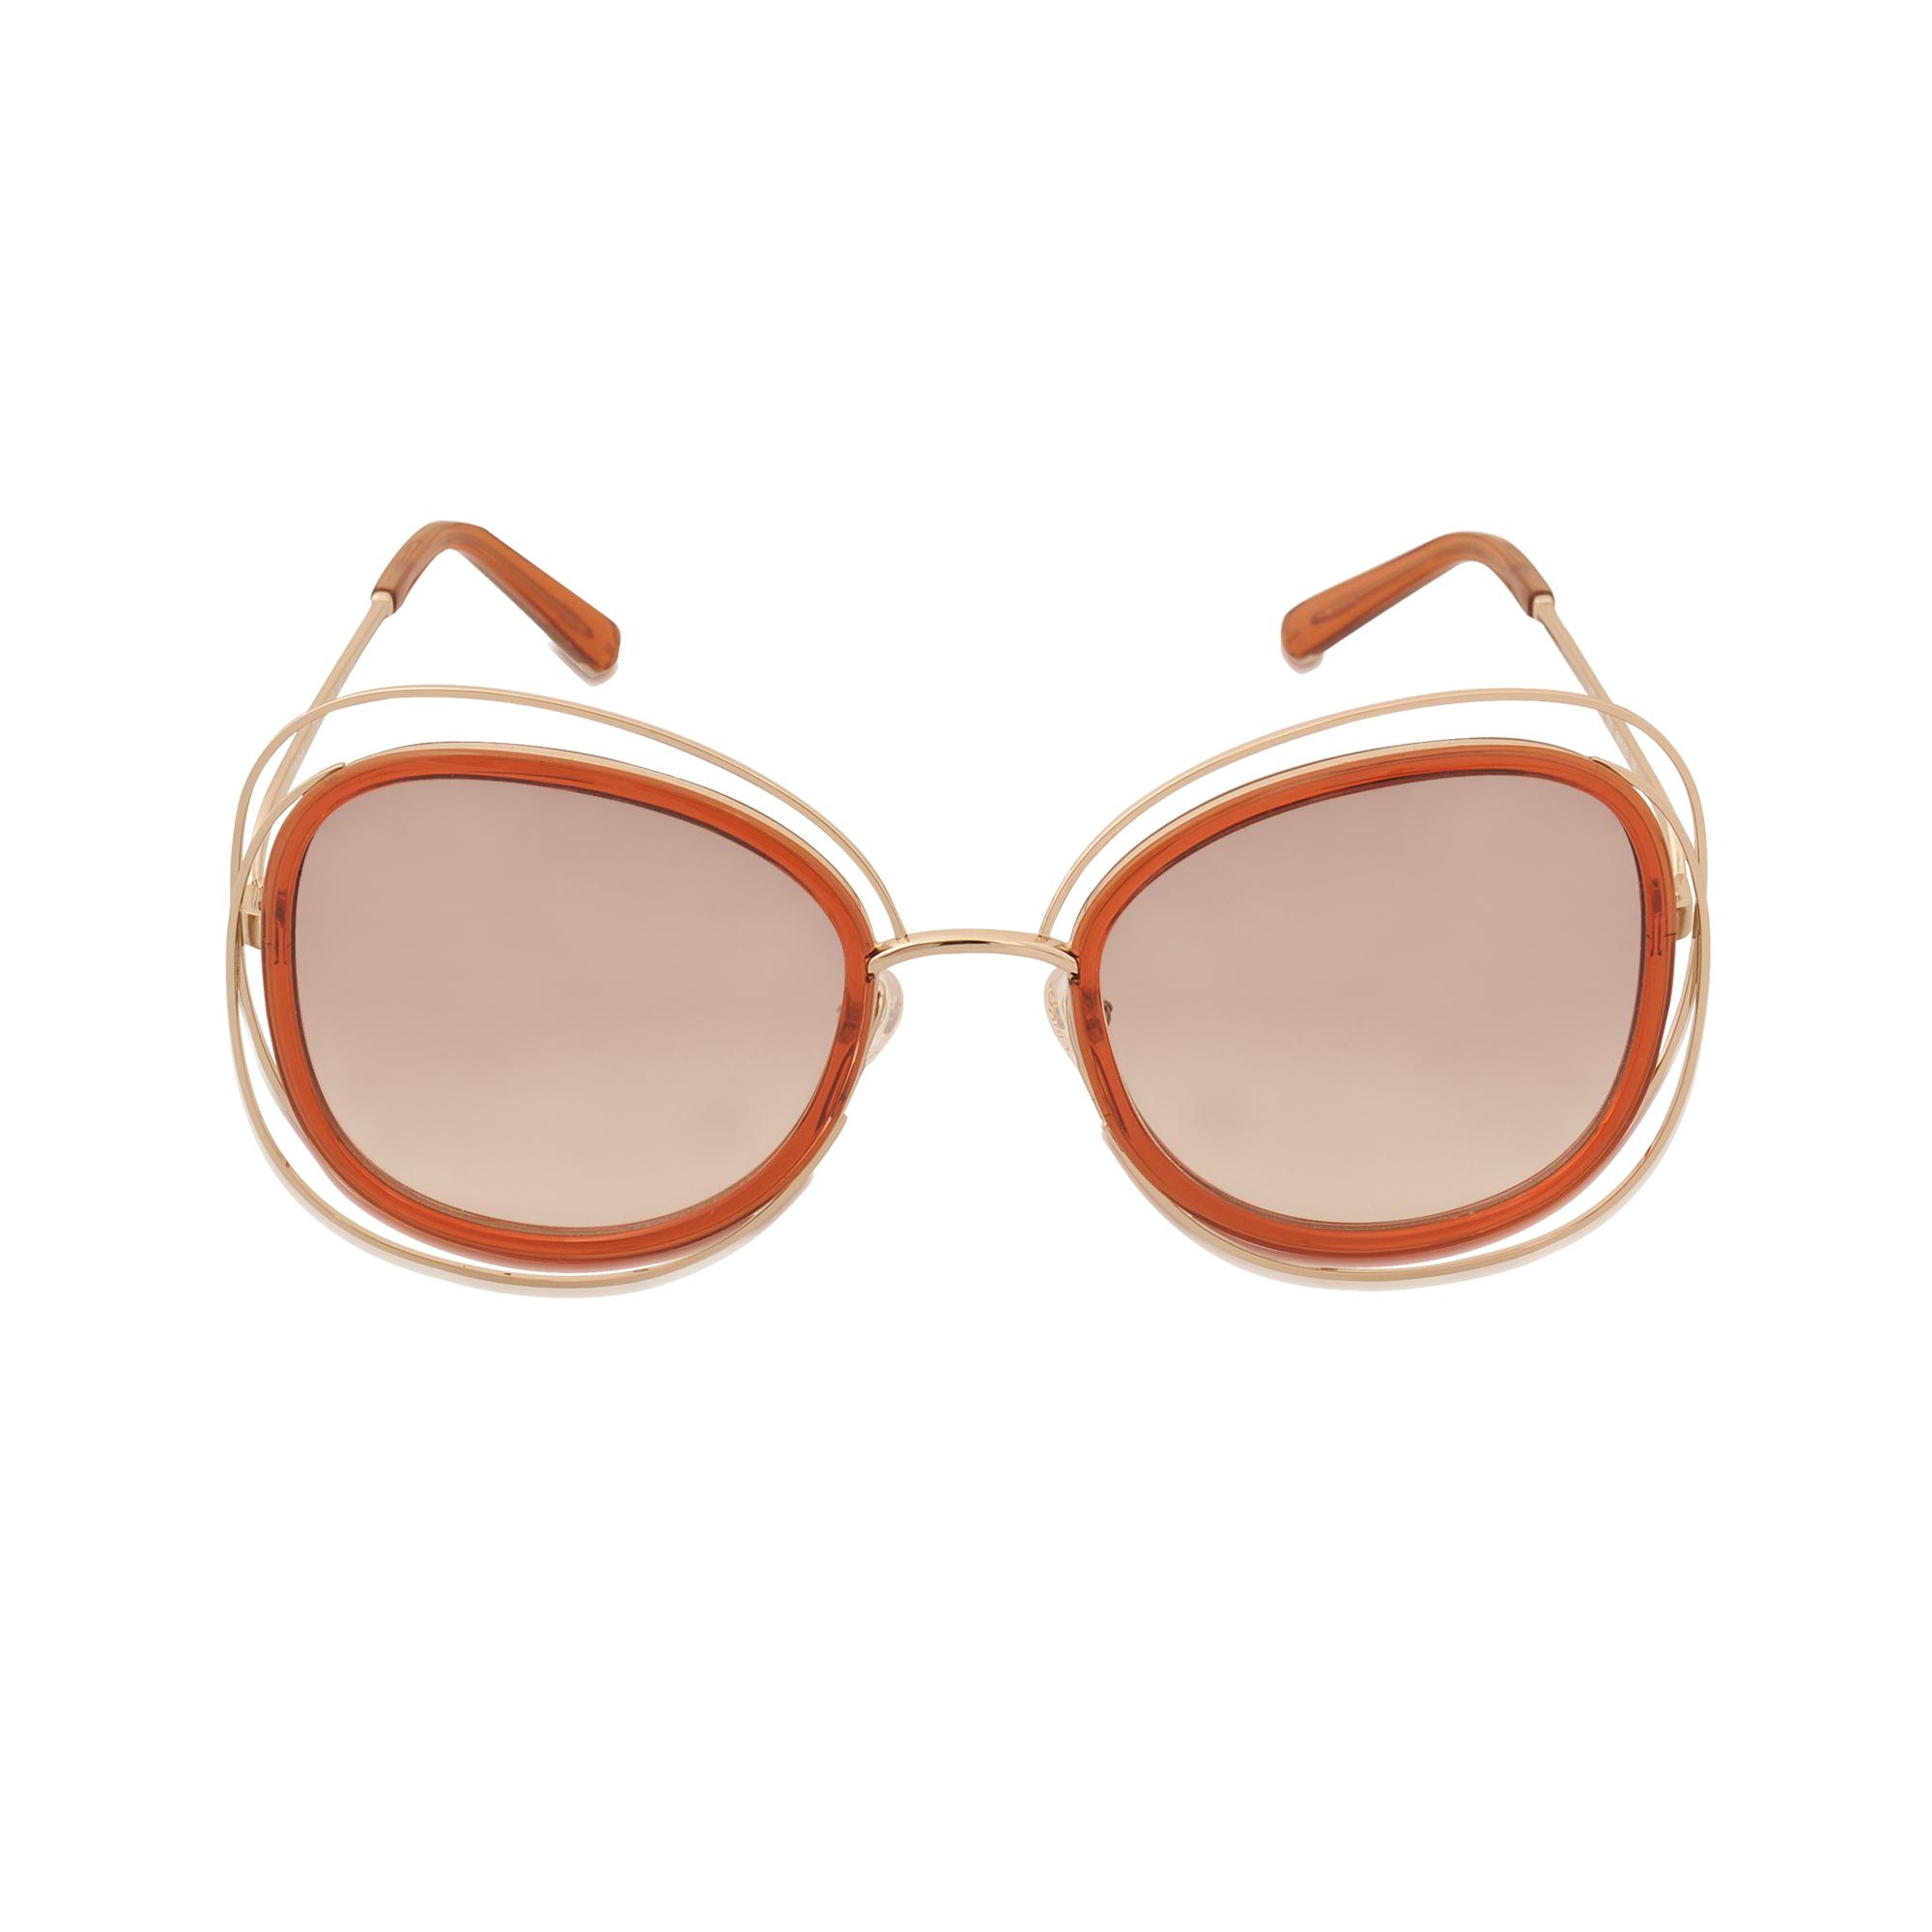 53b8d3451f13 Chloe Women s Ce725s 62mm Sunglasses